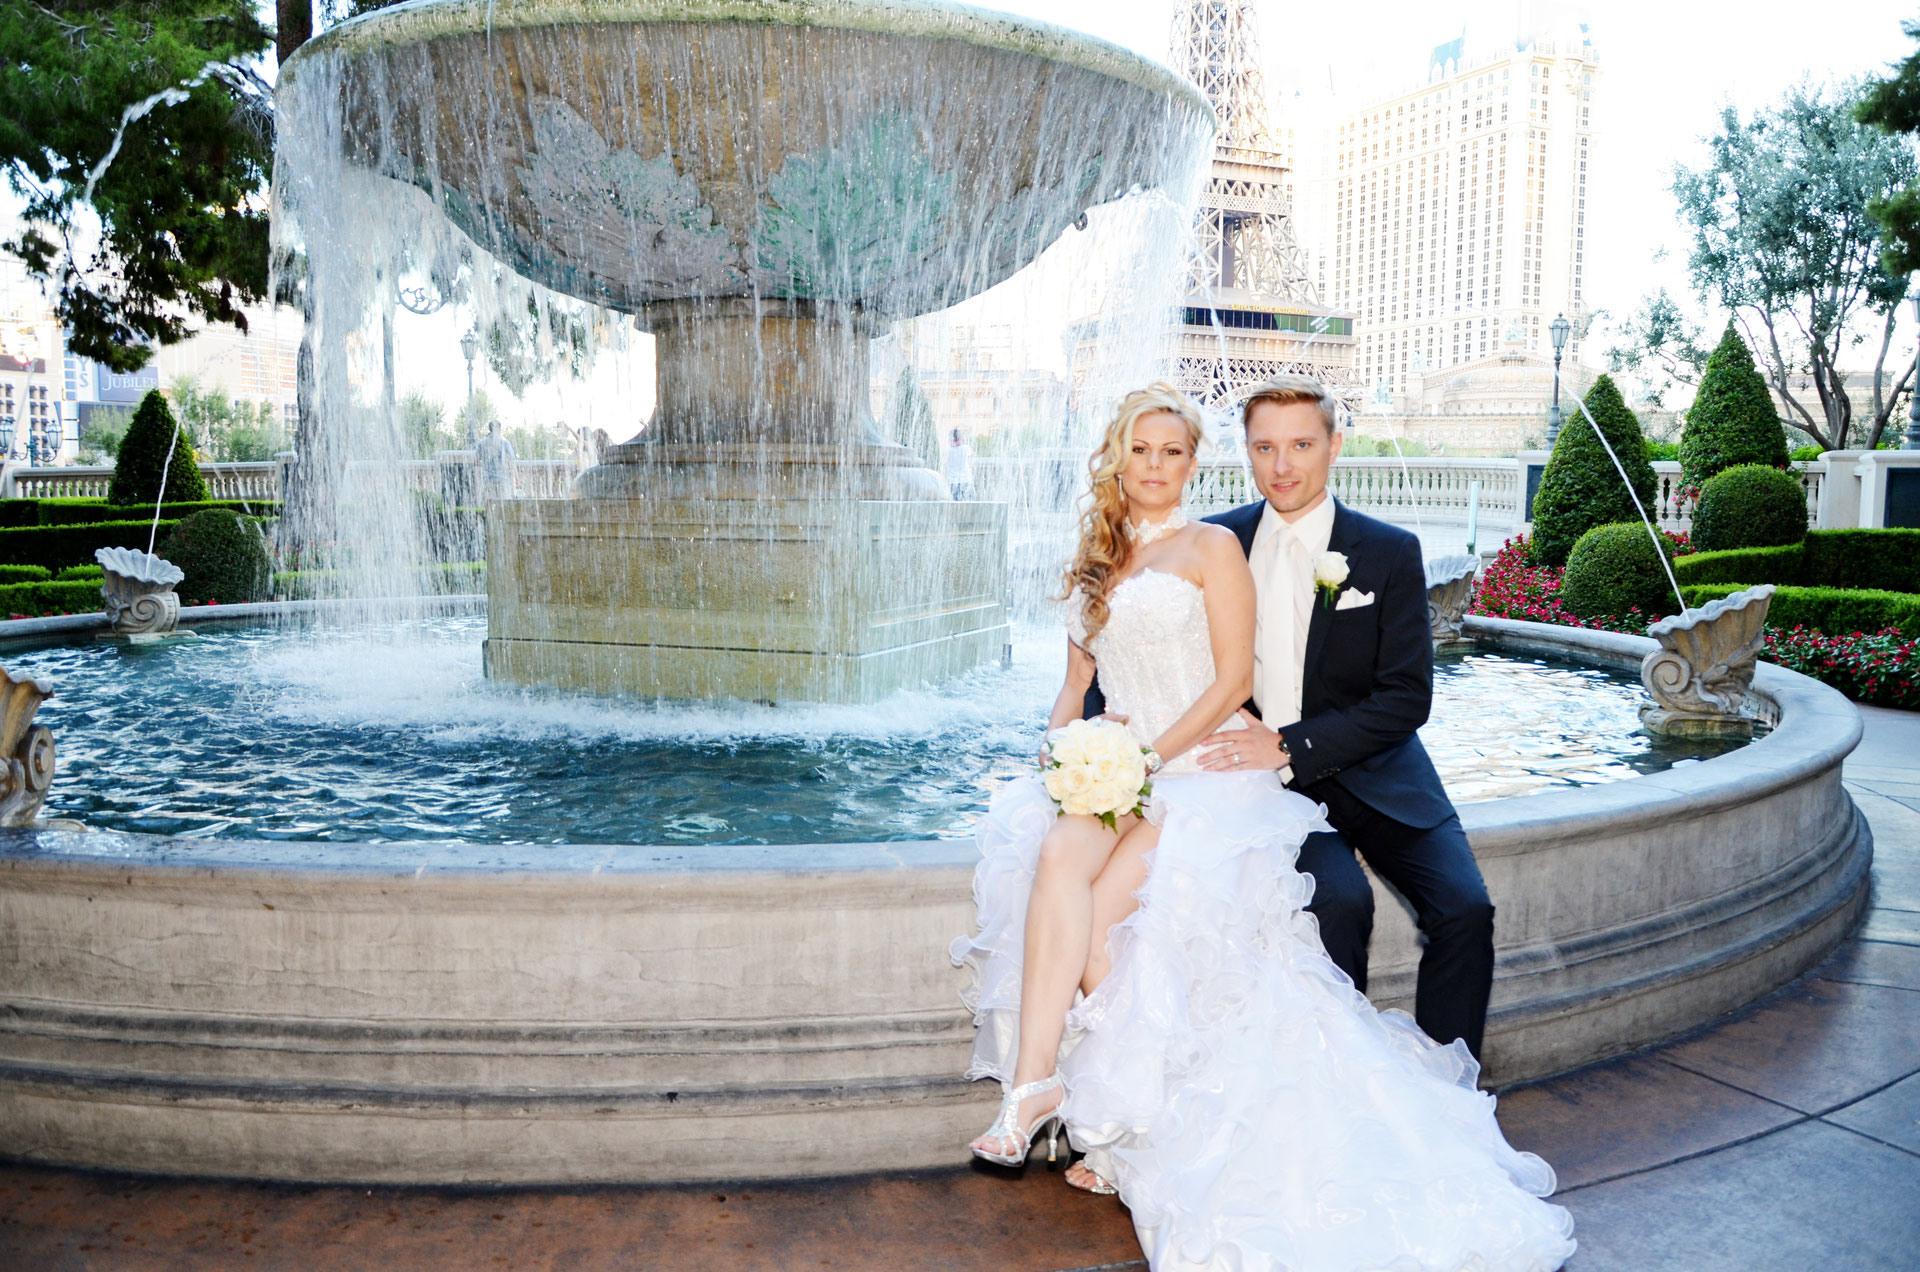 Hochzeiten In Las Vegas - Heiraten In Las Vegas - Günstig